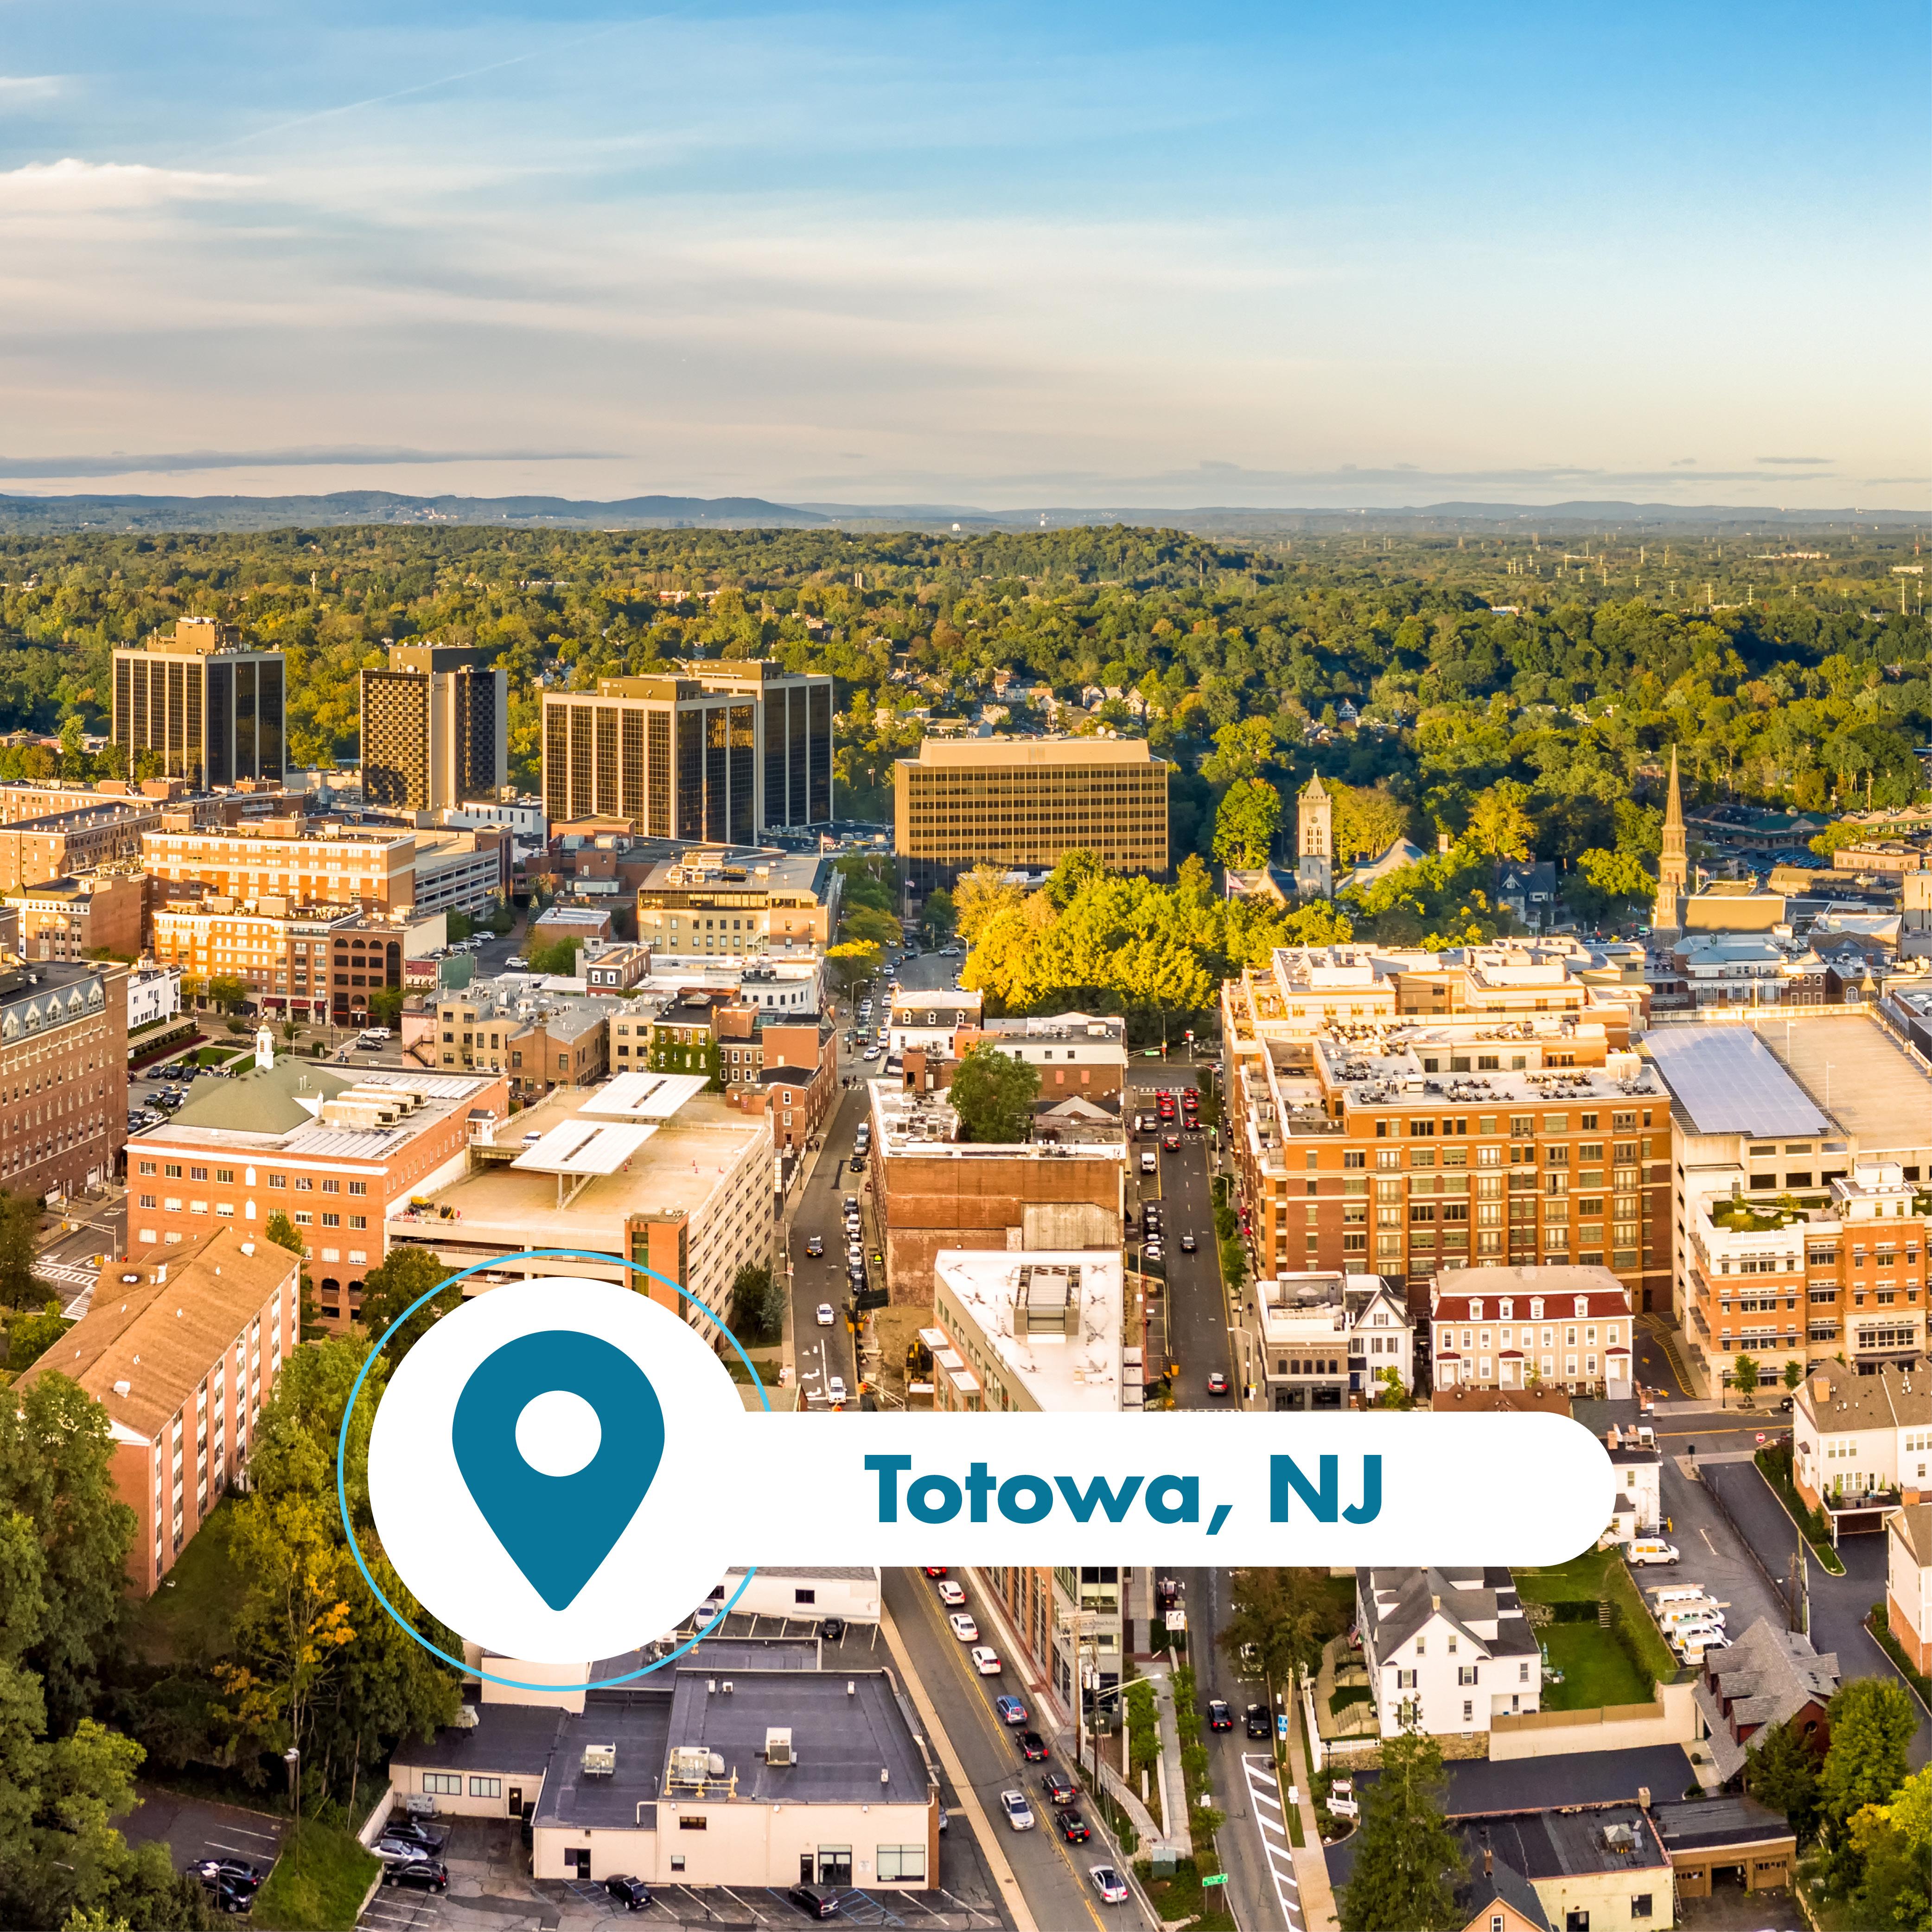 Totowa, New Jersey